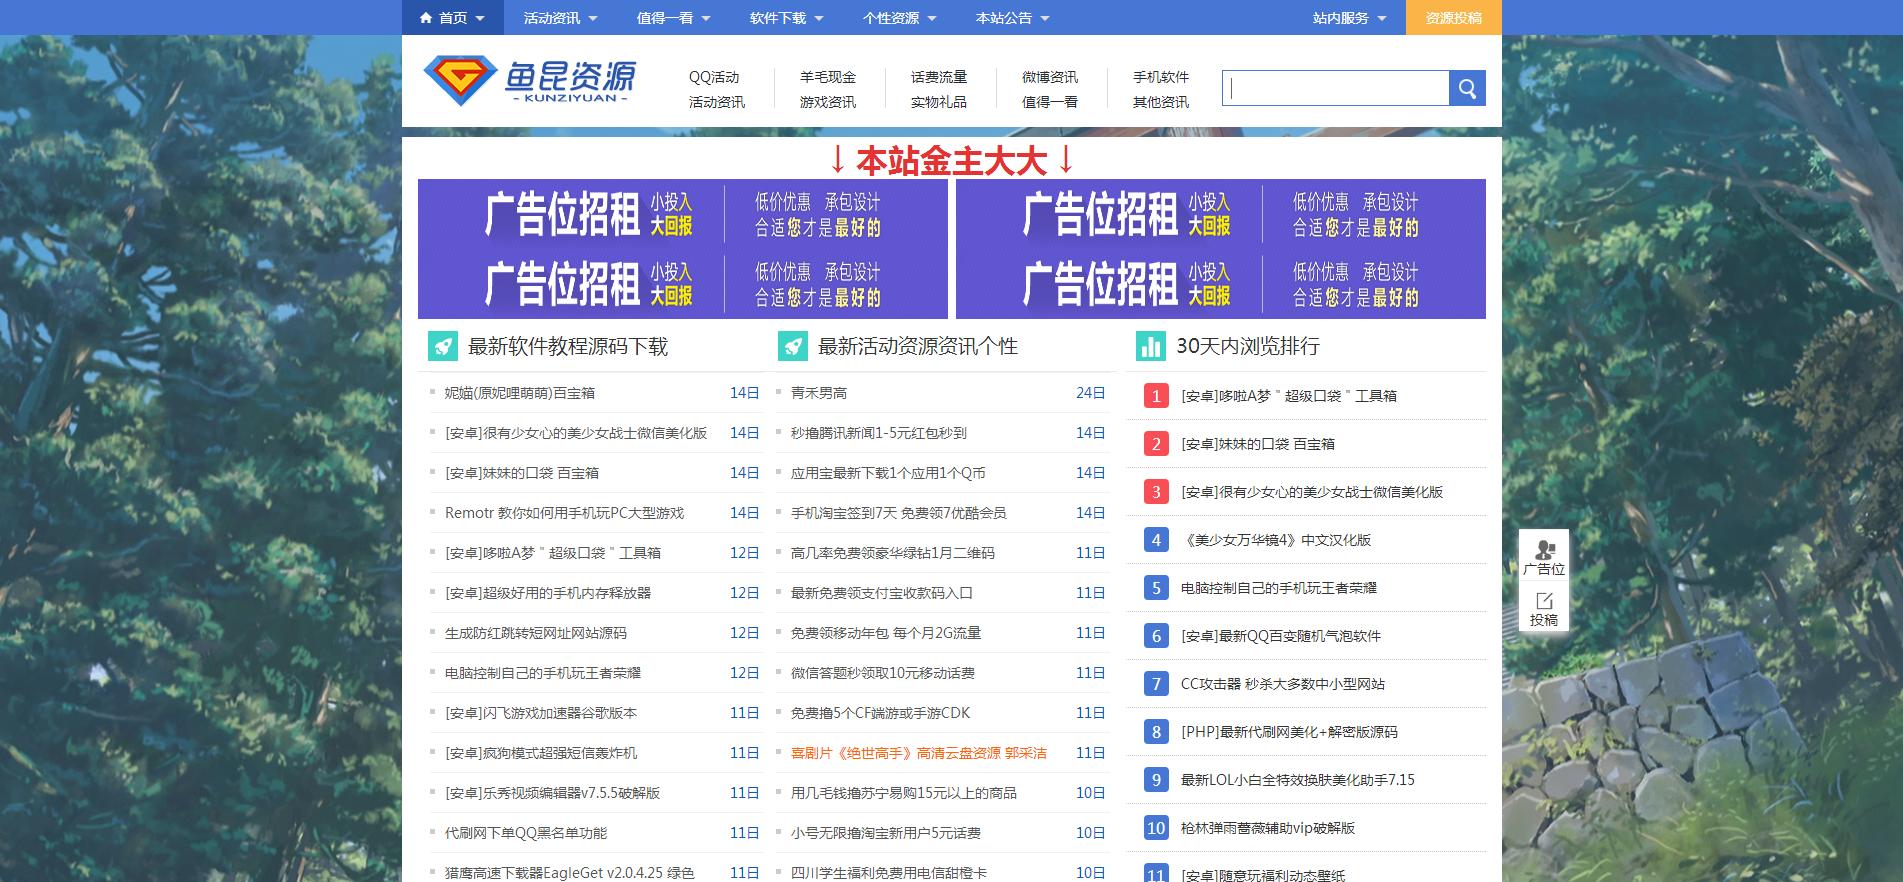 鱼昆资源网织梦cms程序UI界面整站源码